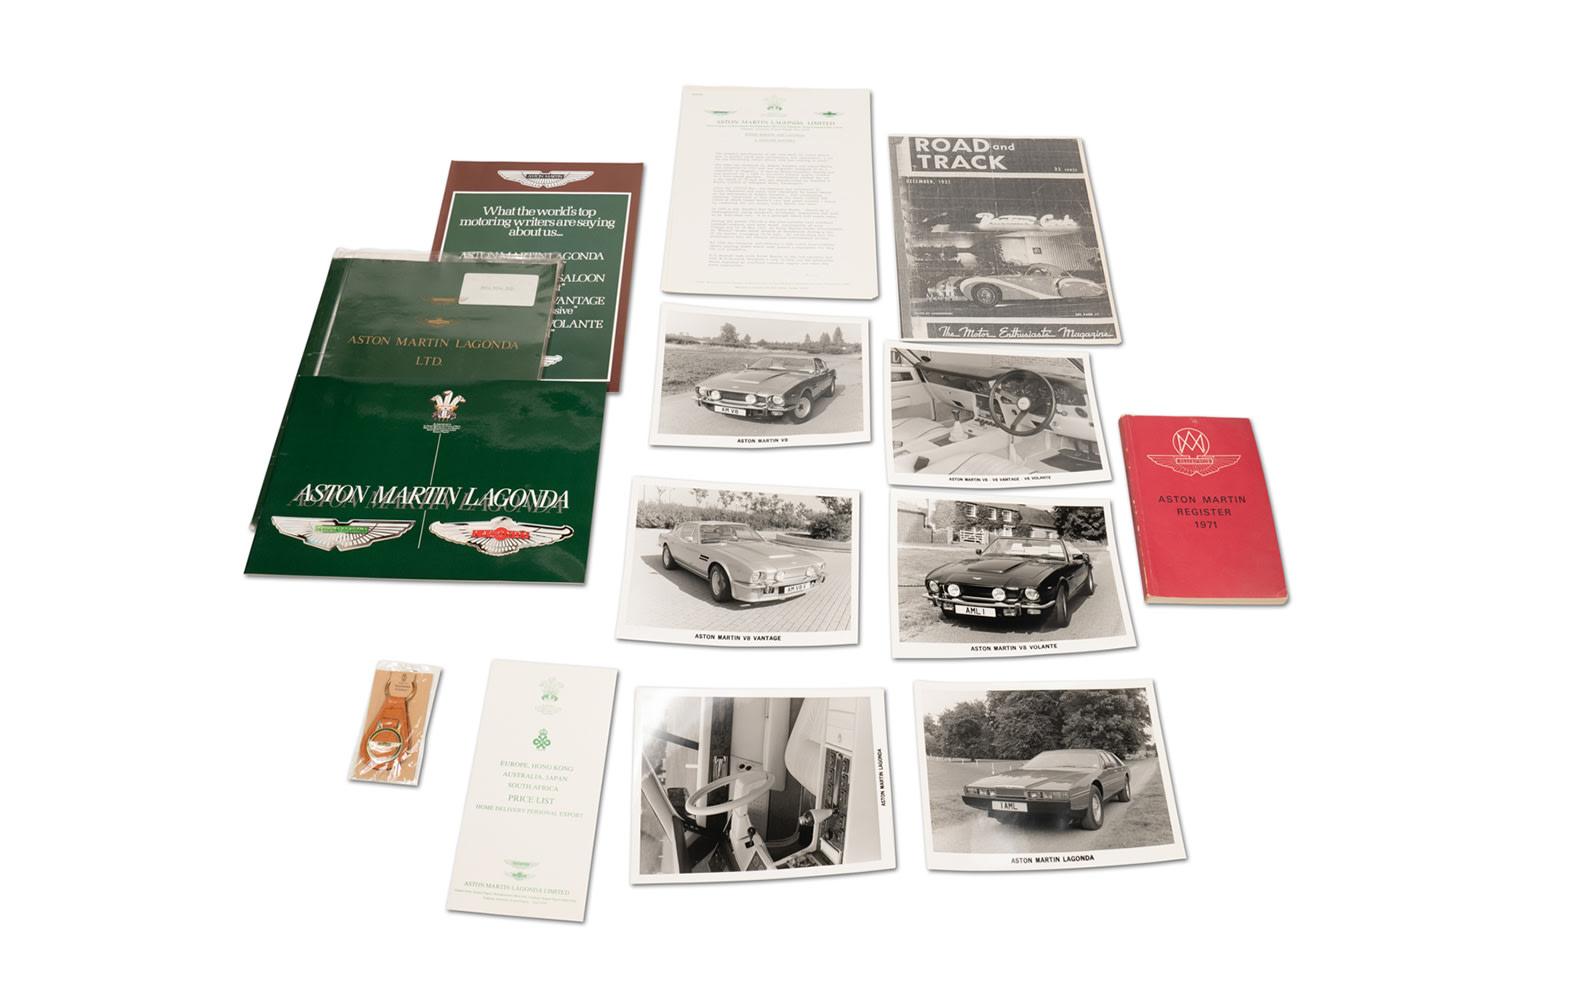 Assorted Aston Martin Lagonda Literature